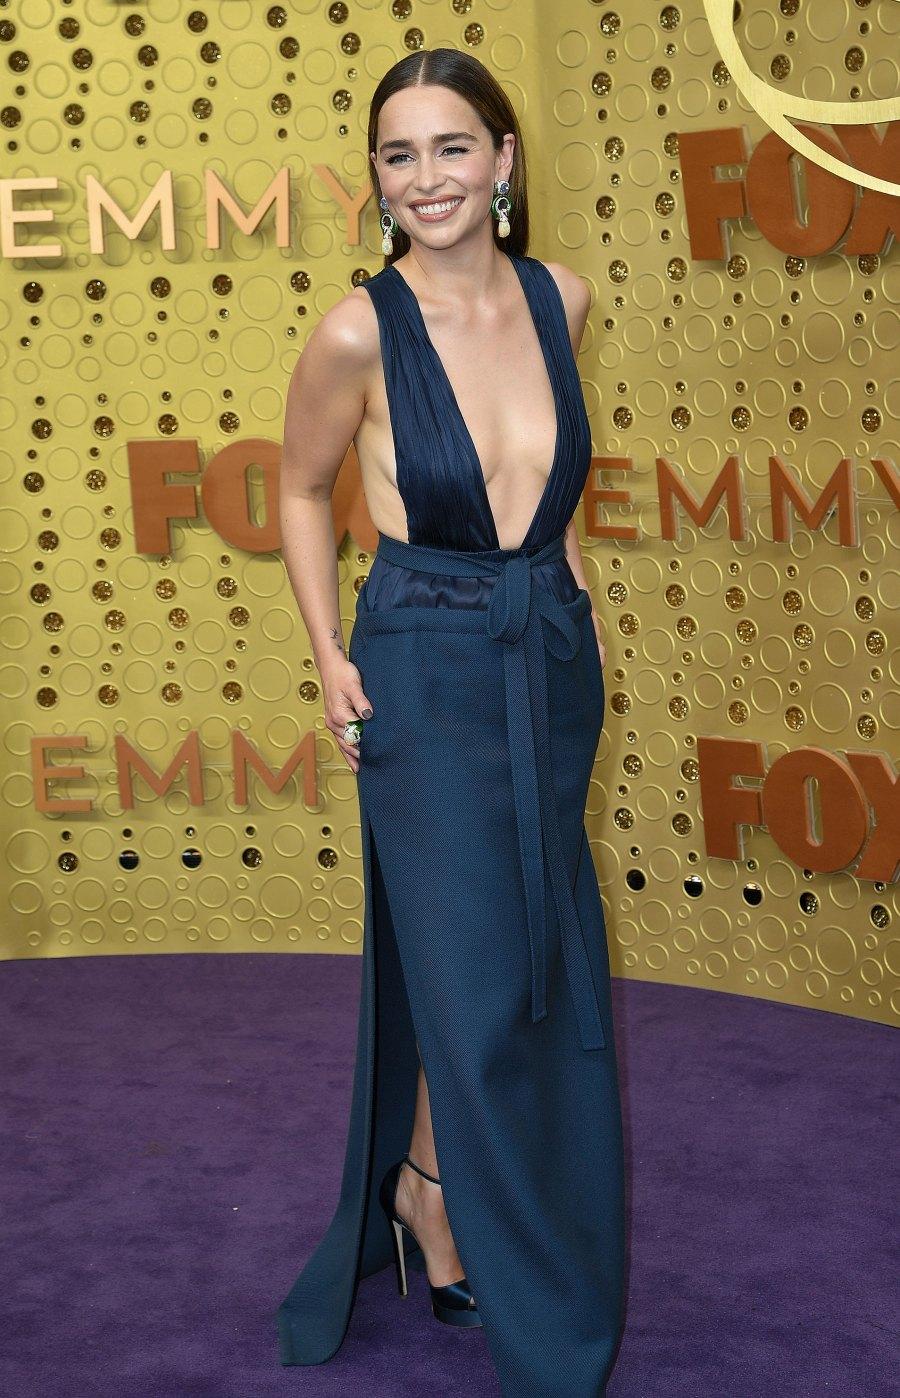 Emmys 2019 Nearly Naked - Emilia Clarke